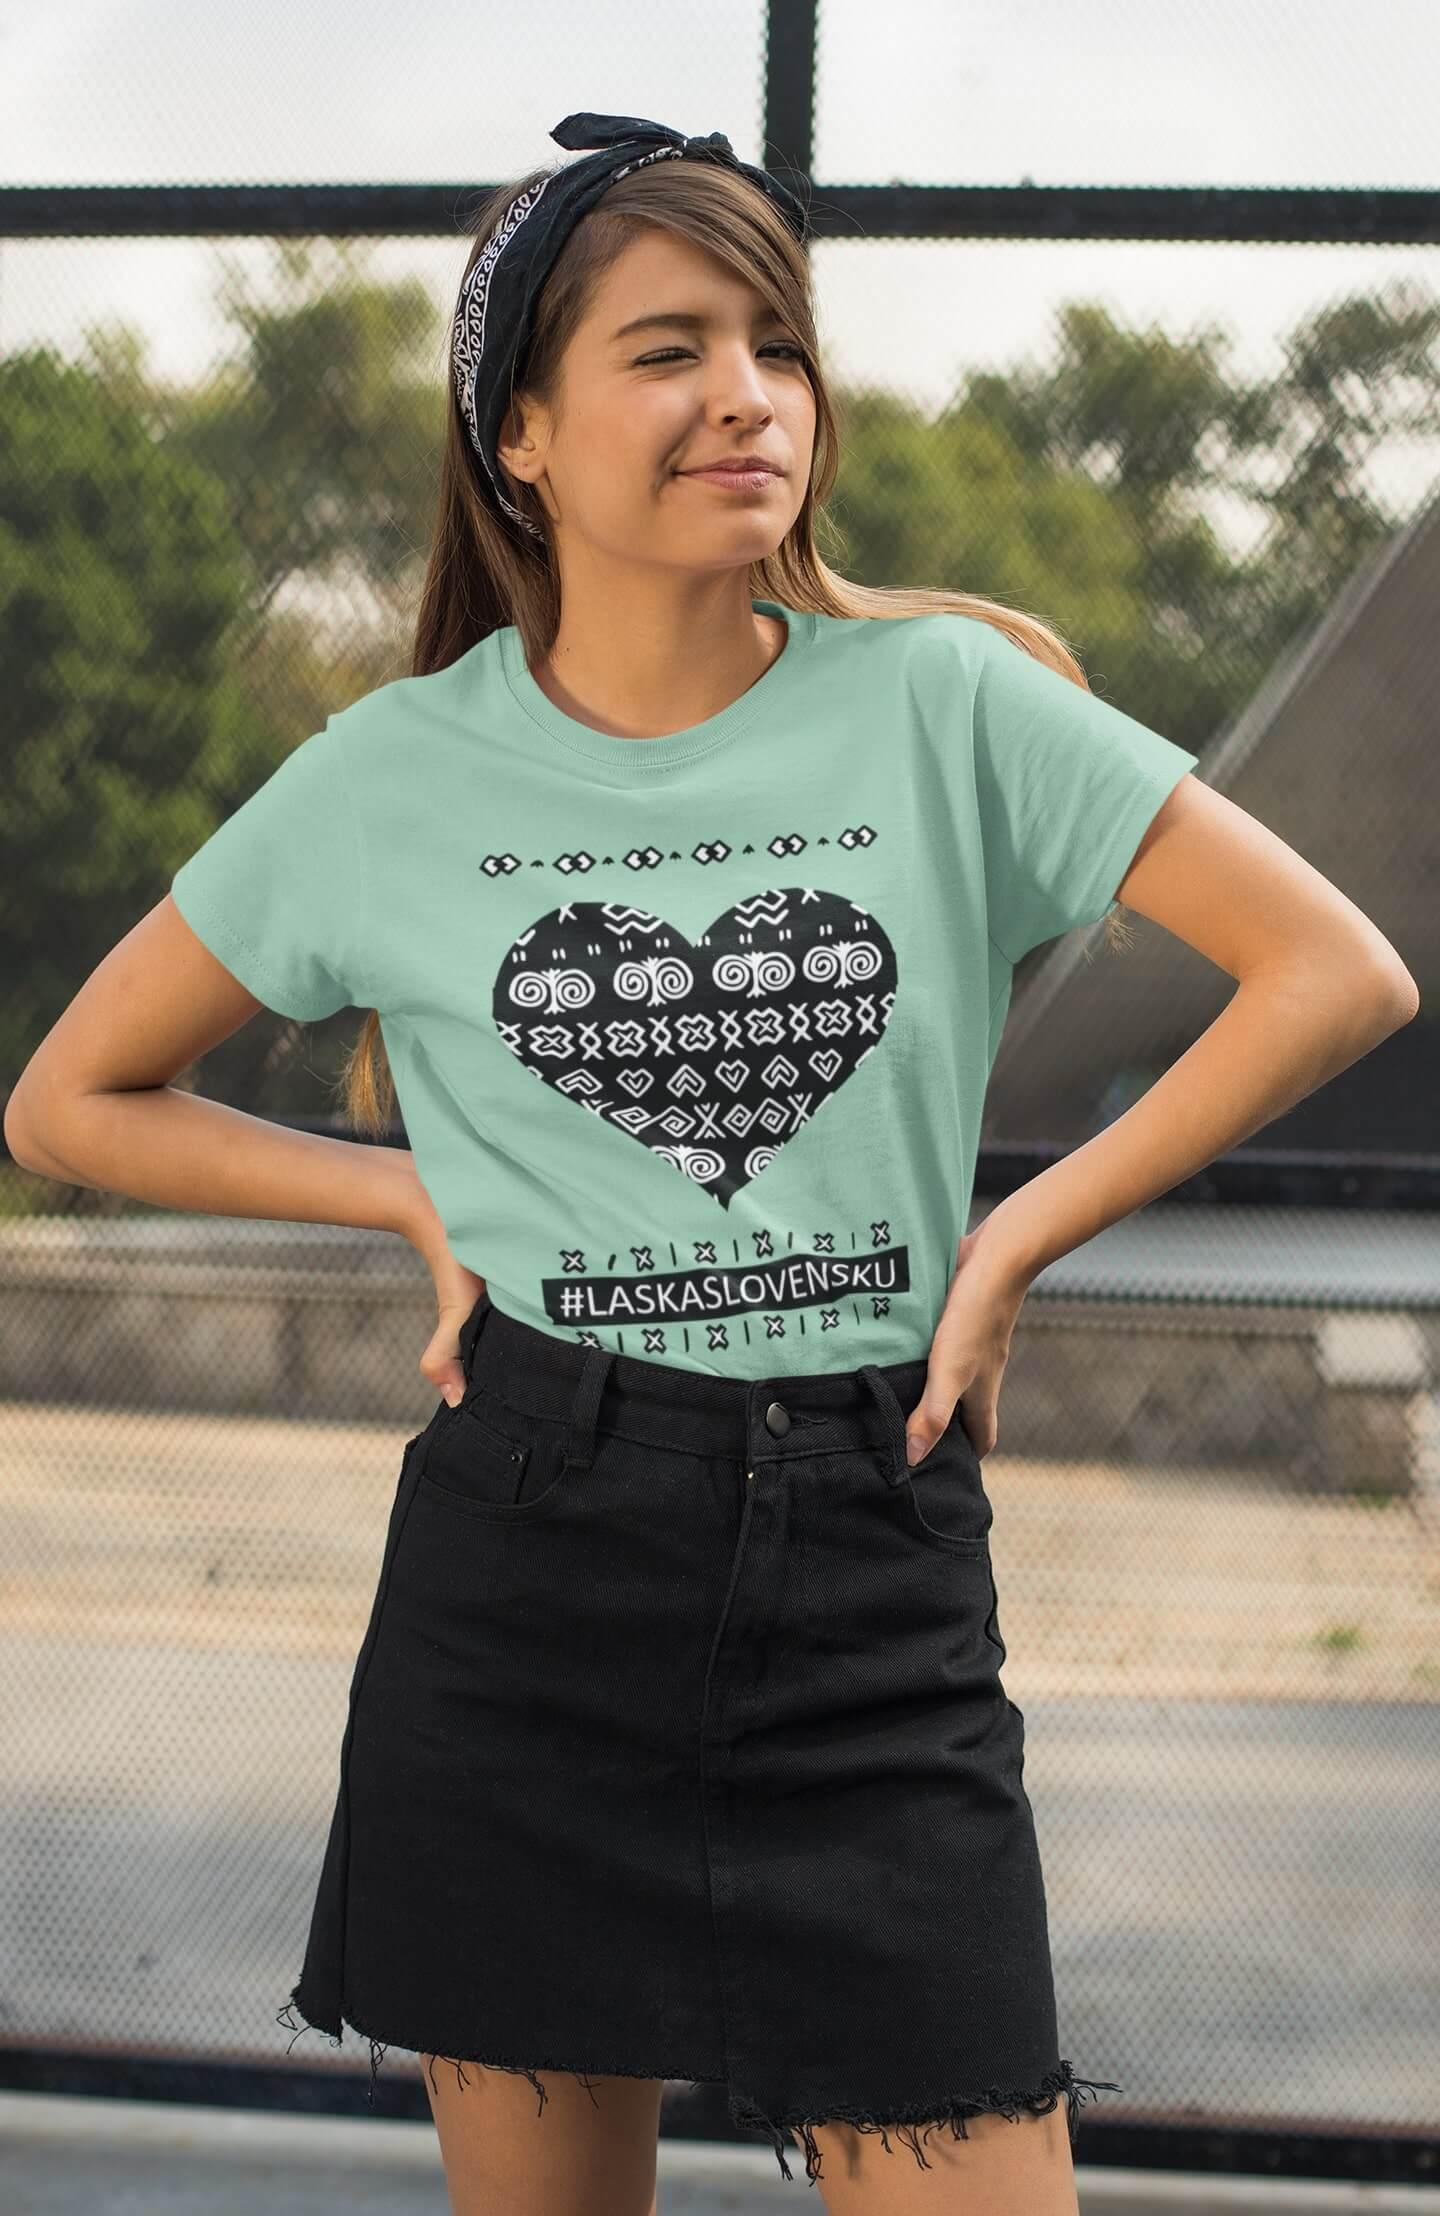 MMO Dámske tričko Láska Slovensku Vyberte farbu: Mätová, Vyberte veľkosť: XS